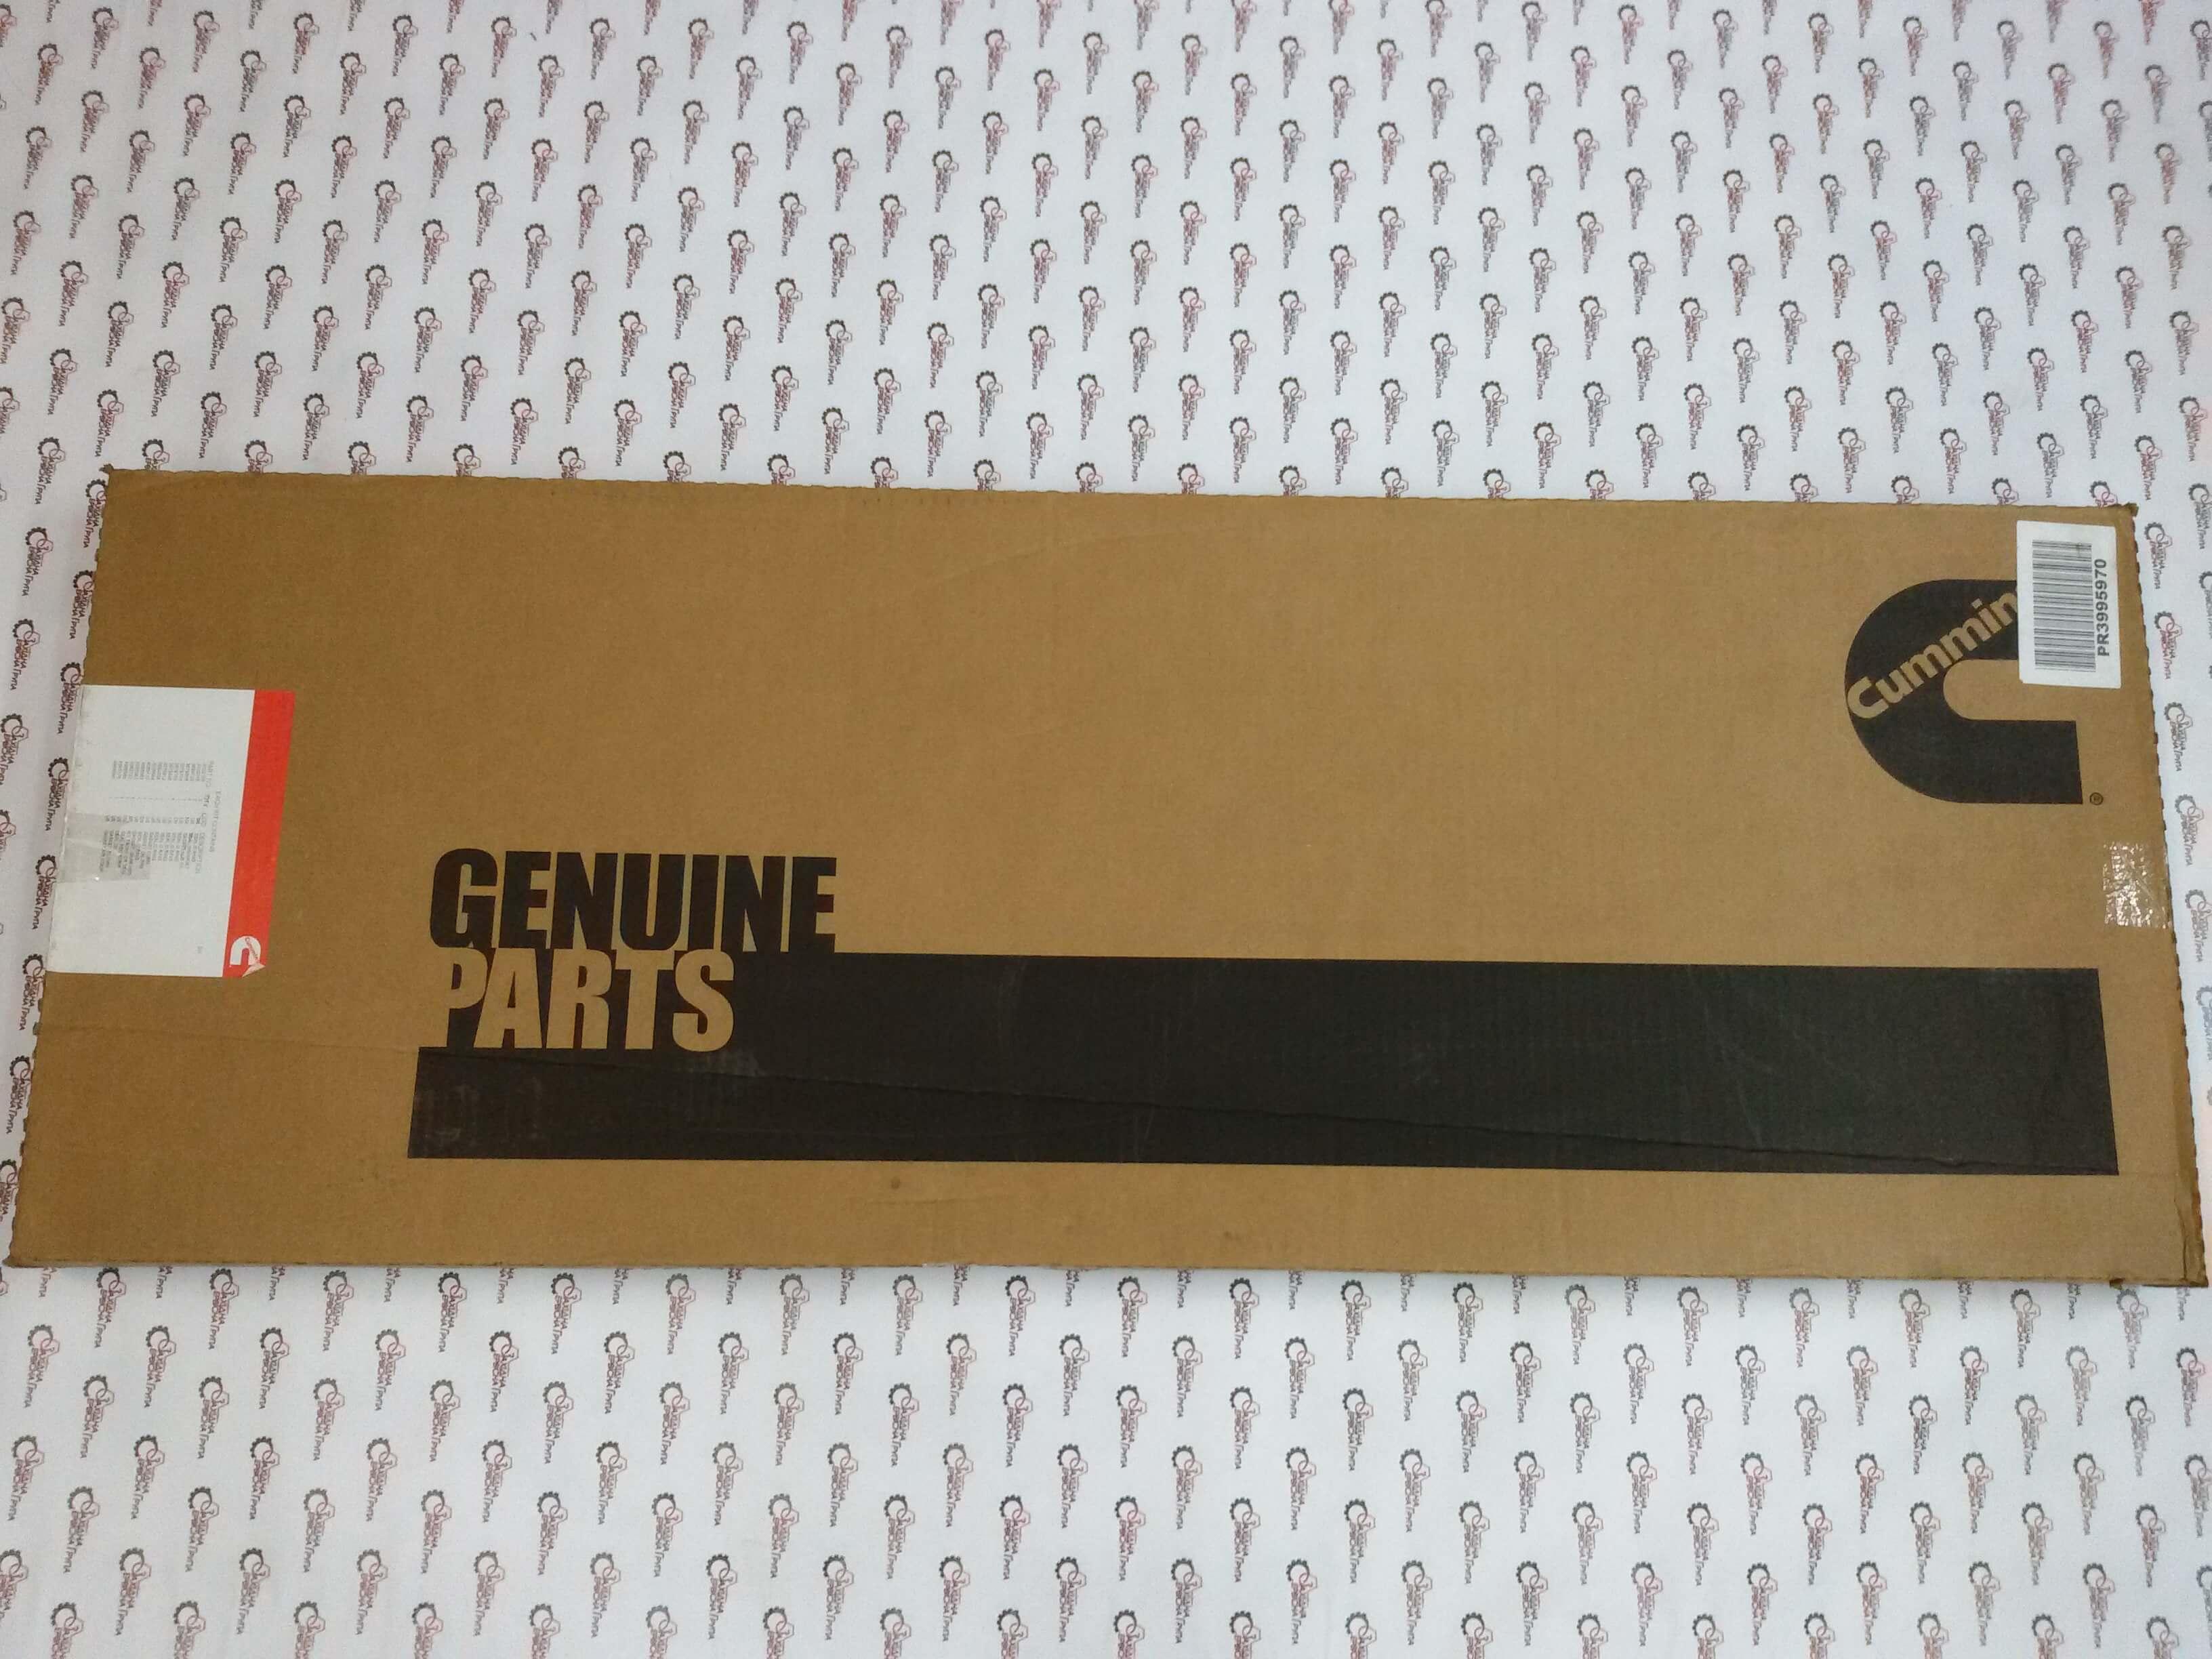 Комплект прокладок нижней части двигателя Cummins ISX15, QSX15, 4955590, 3102234, 4024763, 3800448.